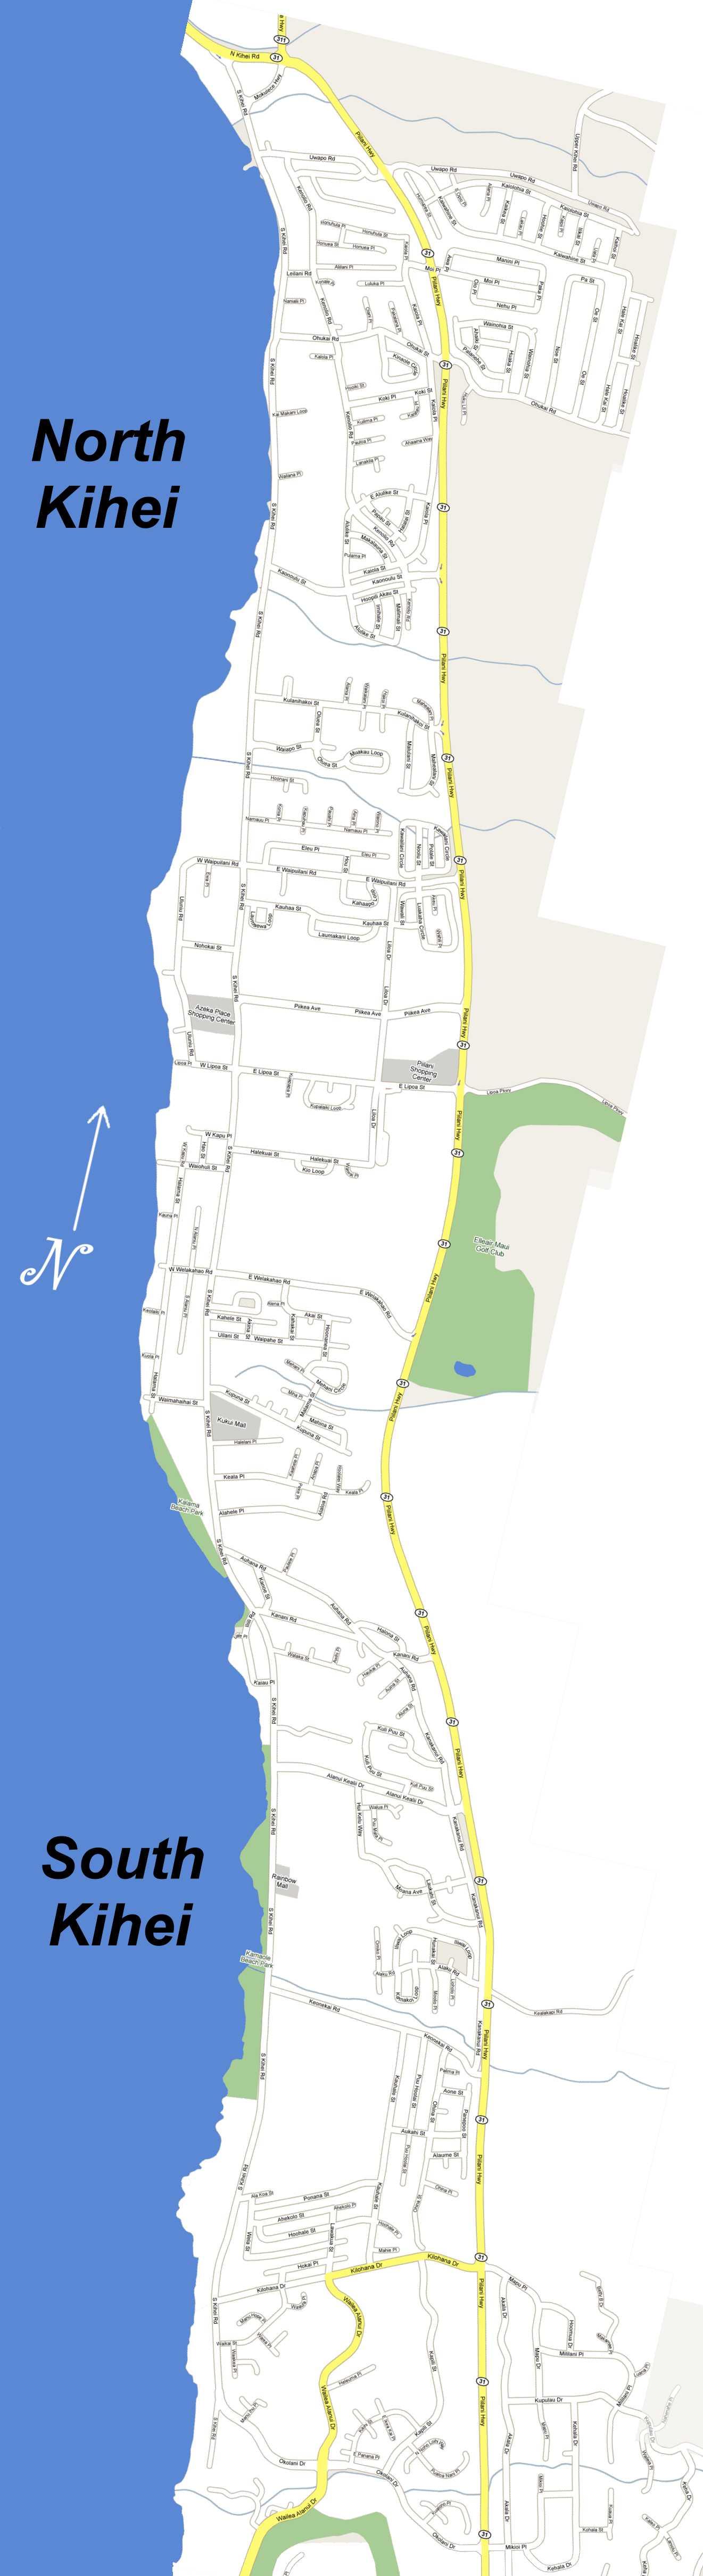 Kihei Maui Map Map of Kihei Hawaii